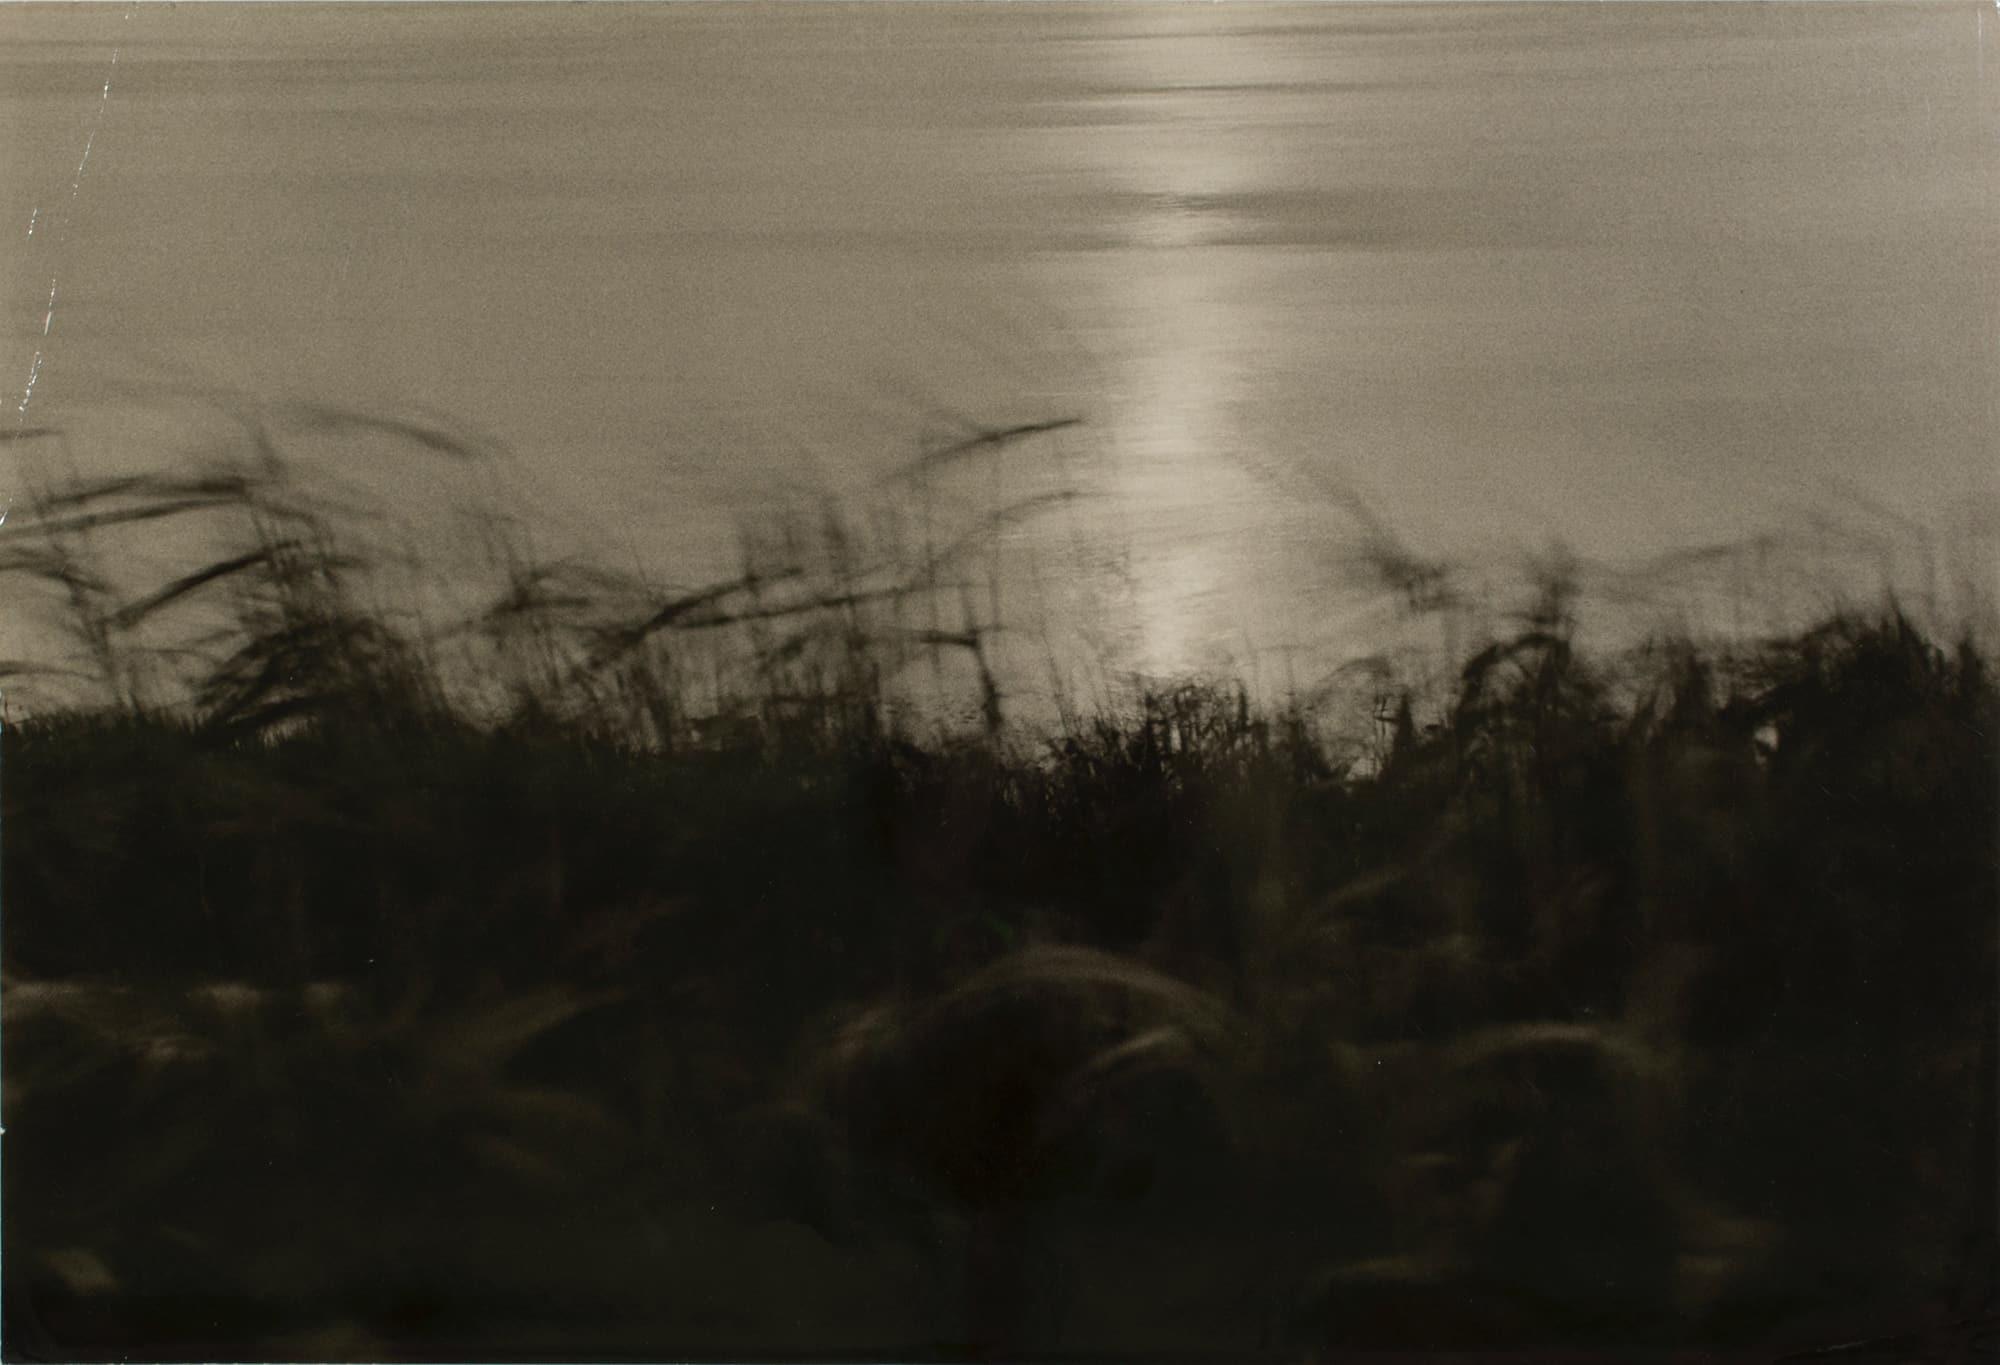 河野徹「題名不詳」© Toru Kono、courtesy MEM